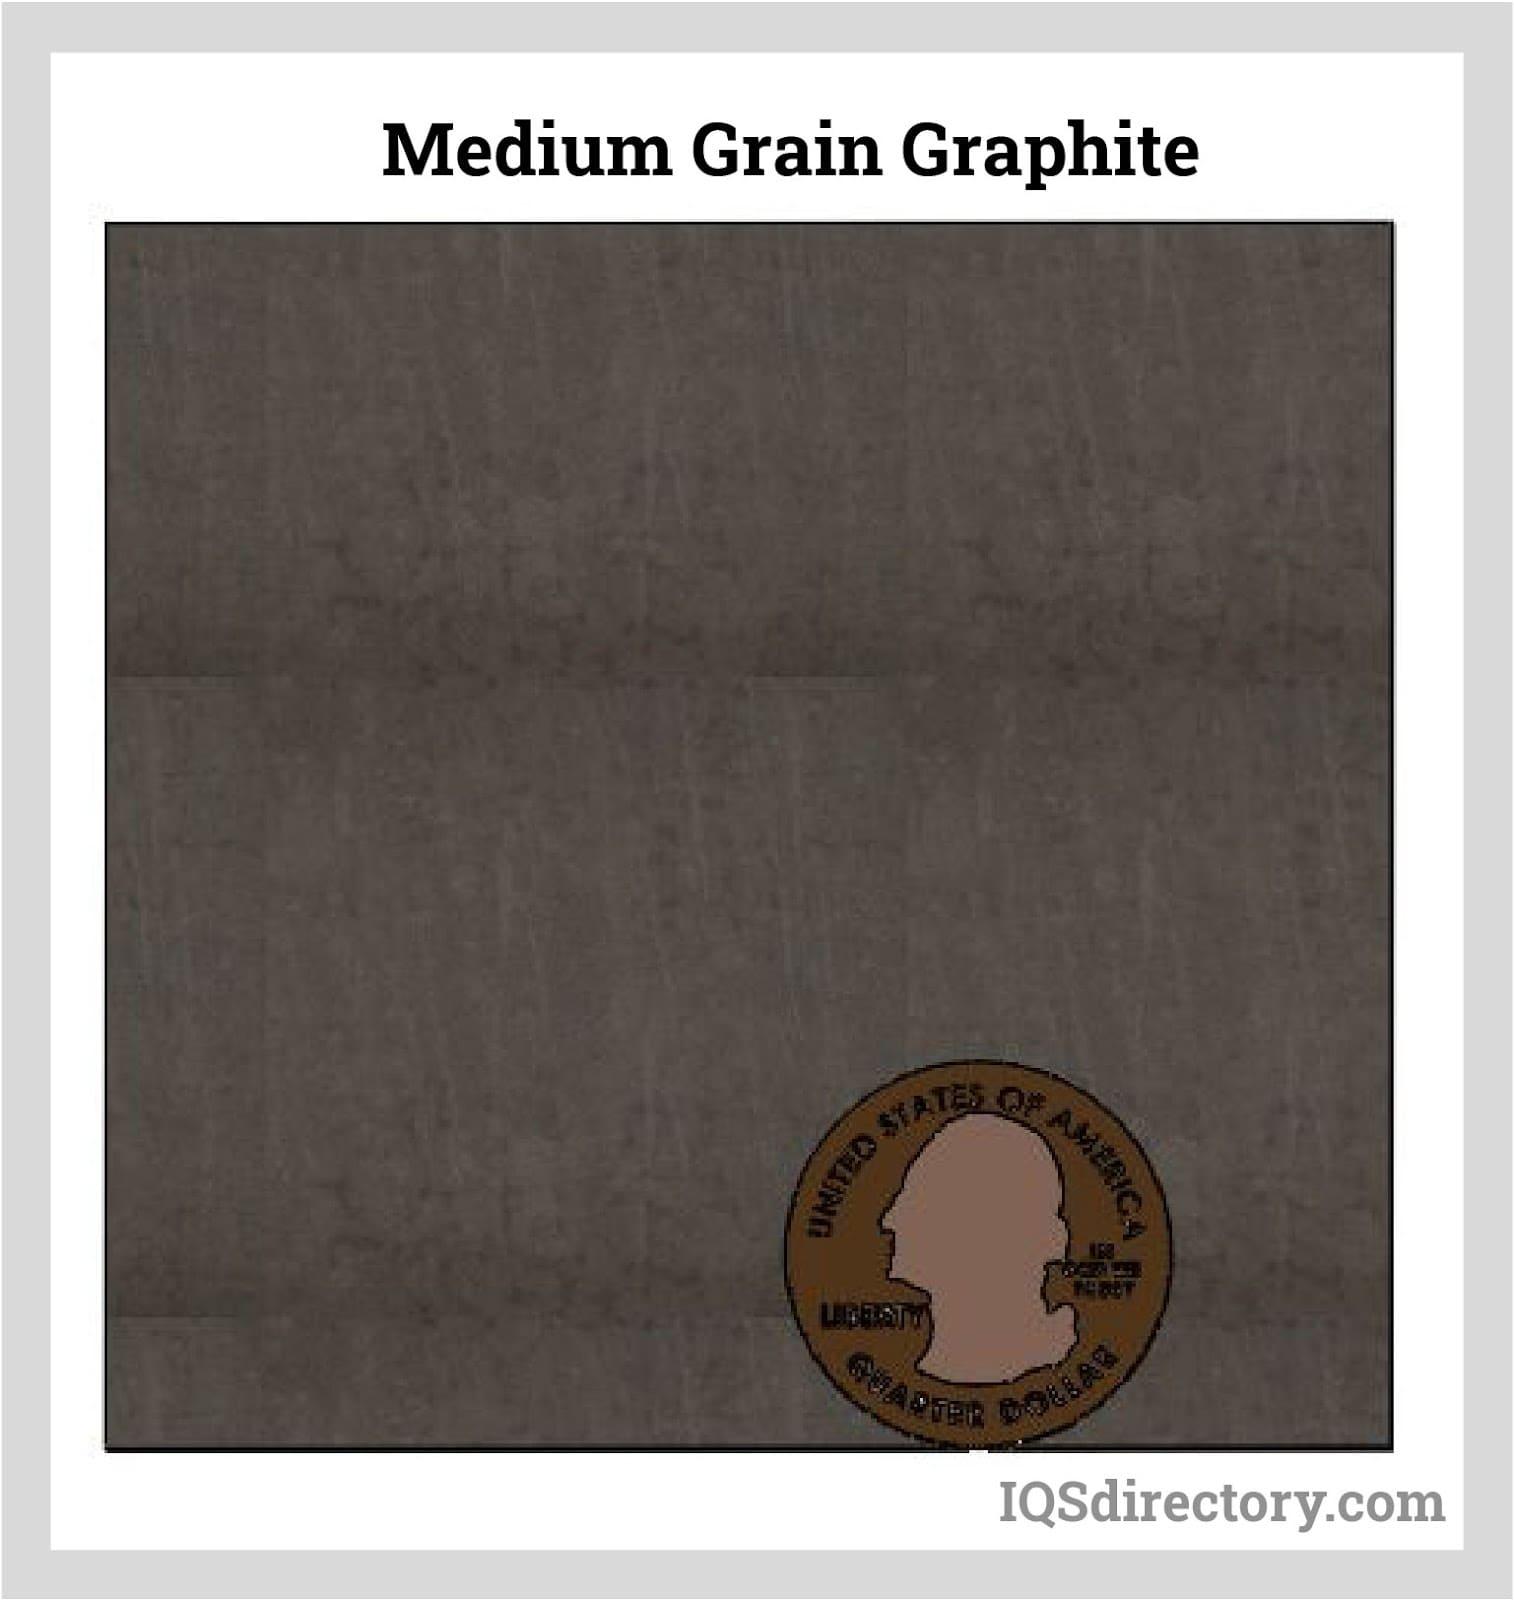 Medium Grain Graphite